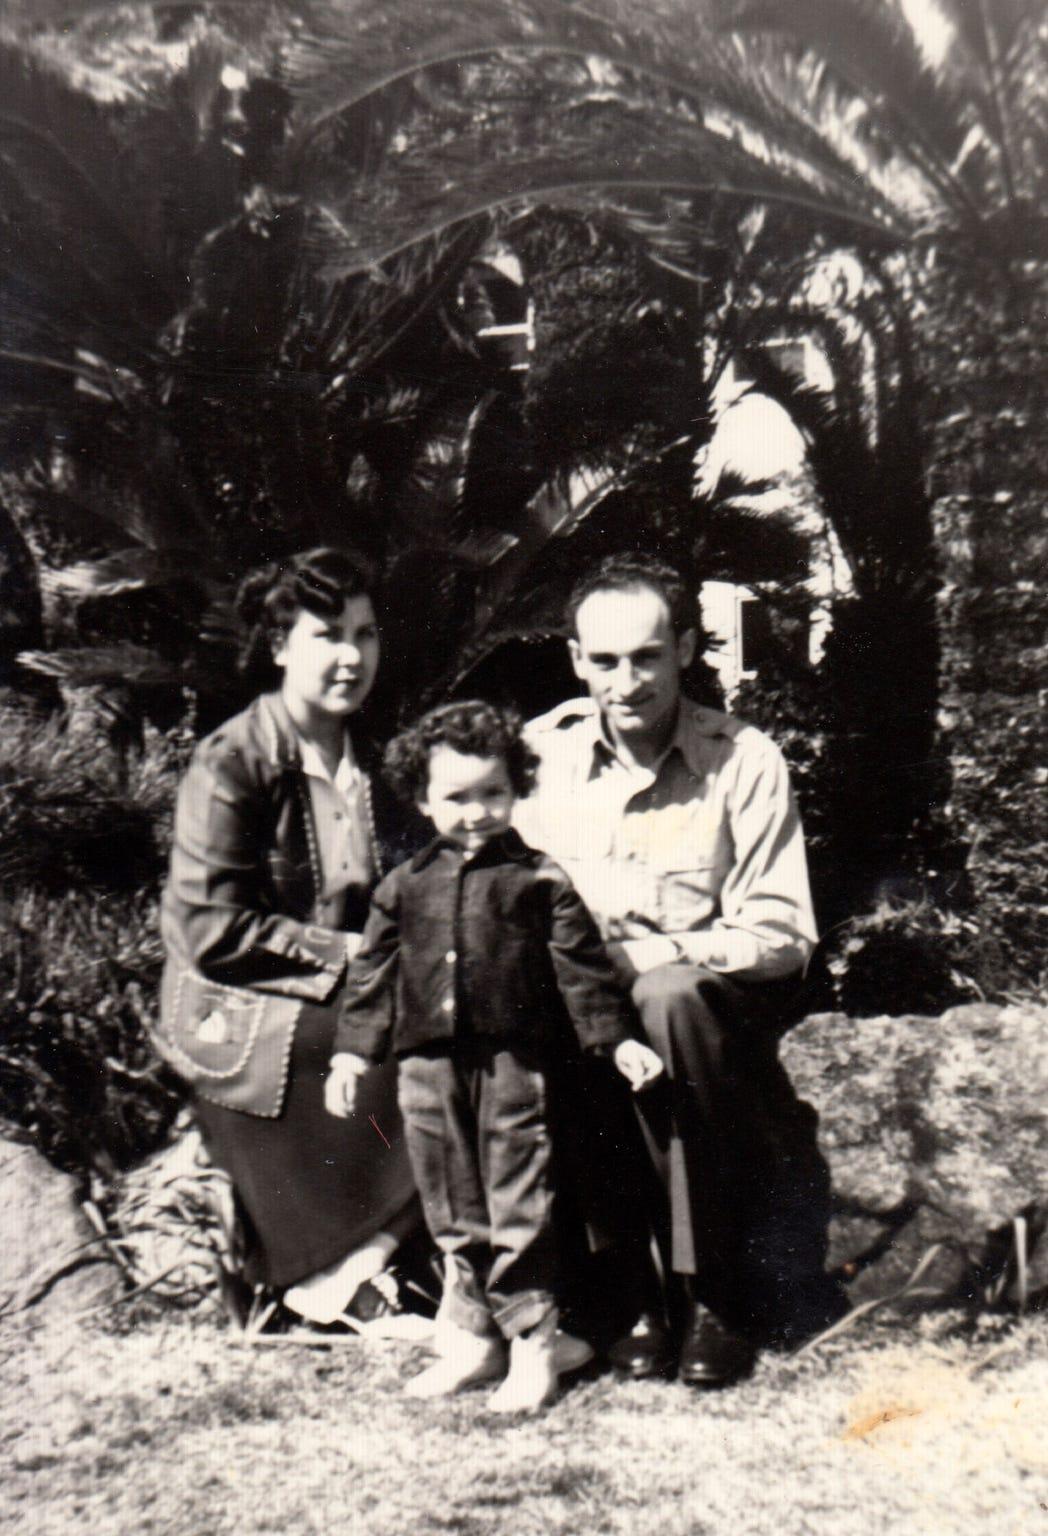 La familia Campos (de izq. a der.) Jovita, Jennie y Joe.